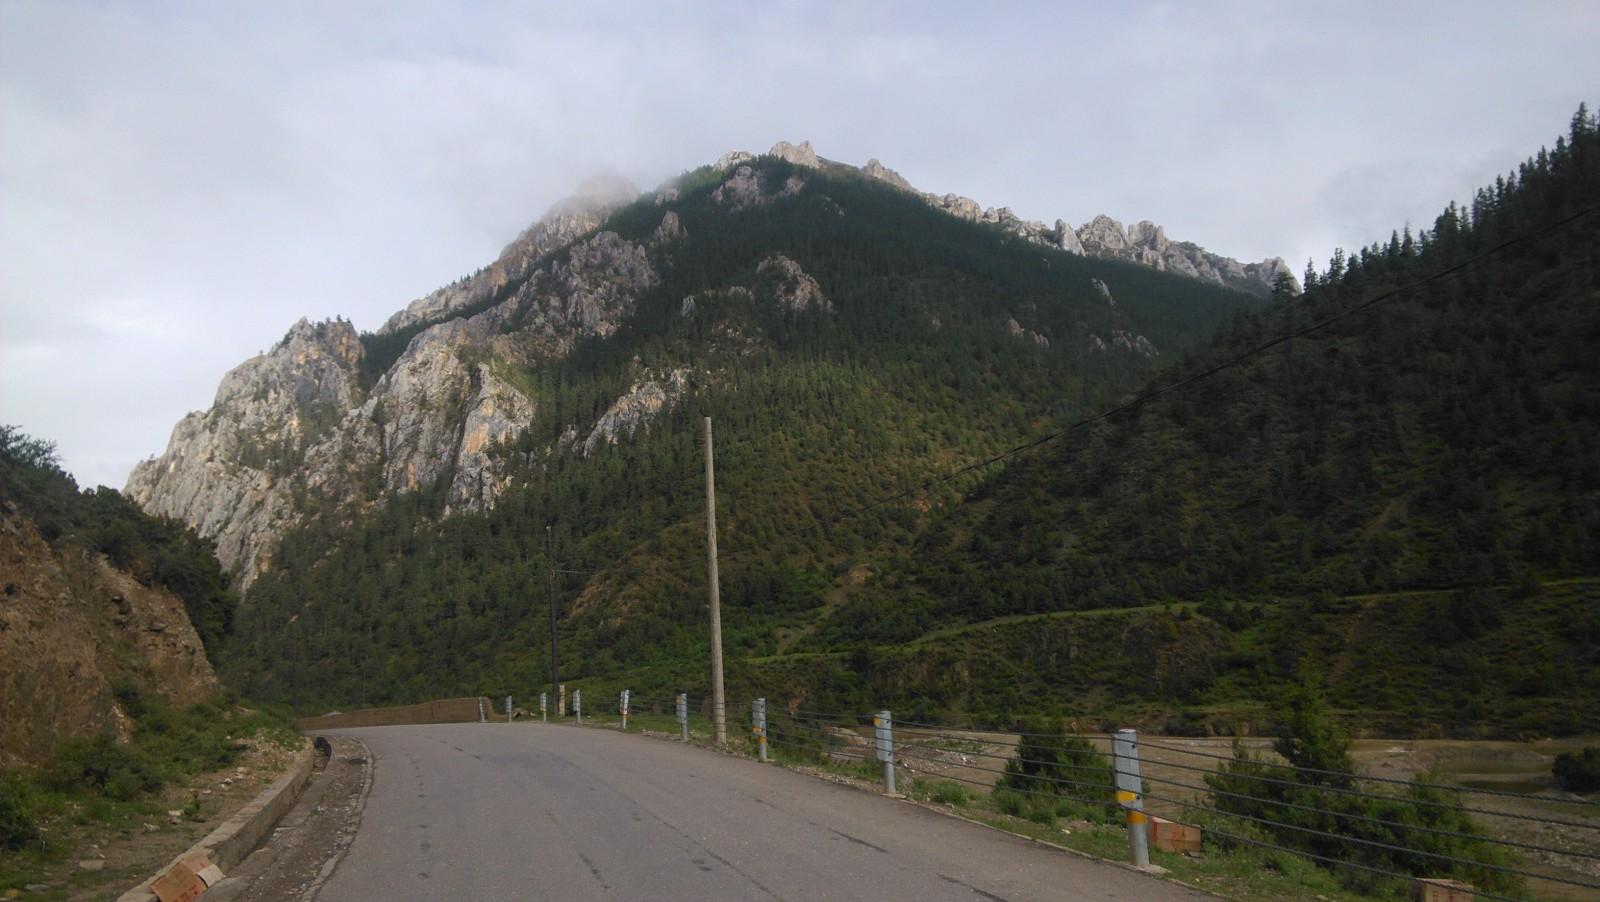 山顶的奇石,左贡这儿比较有名的就是这种石头